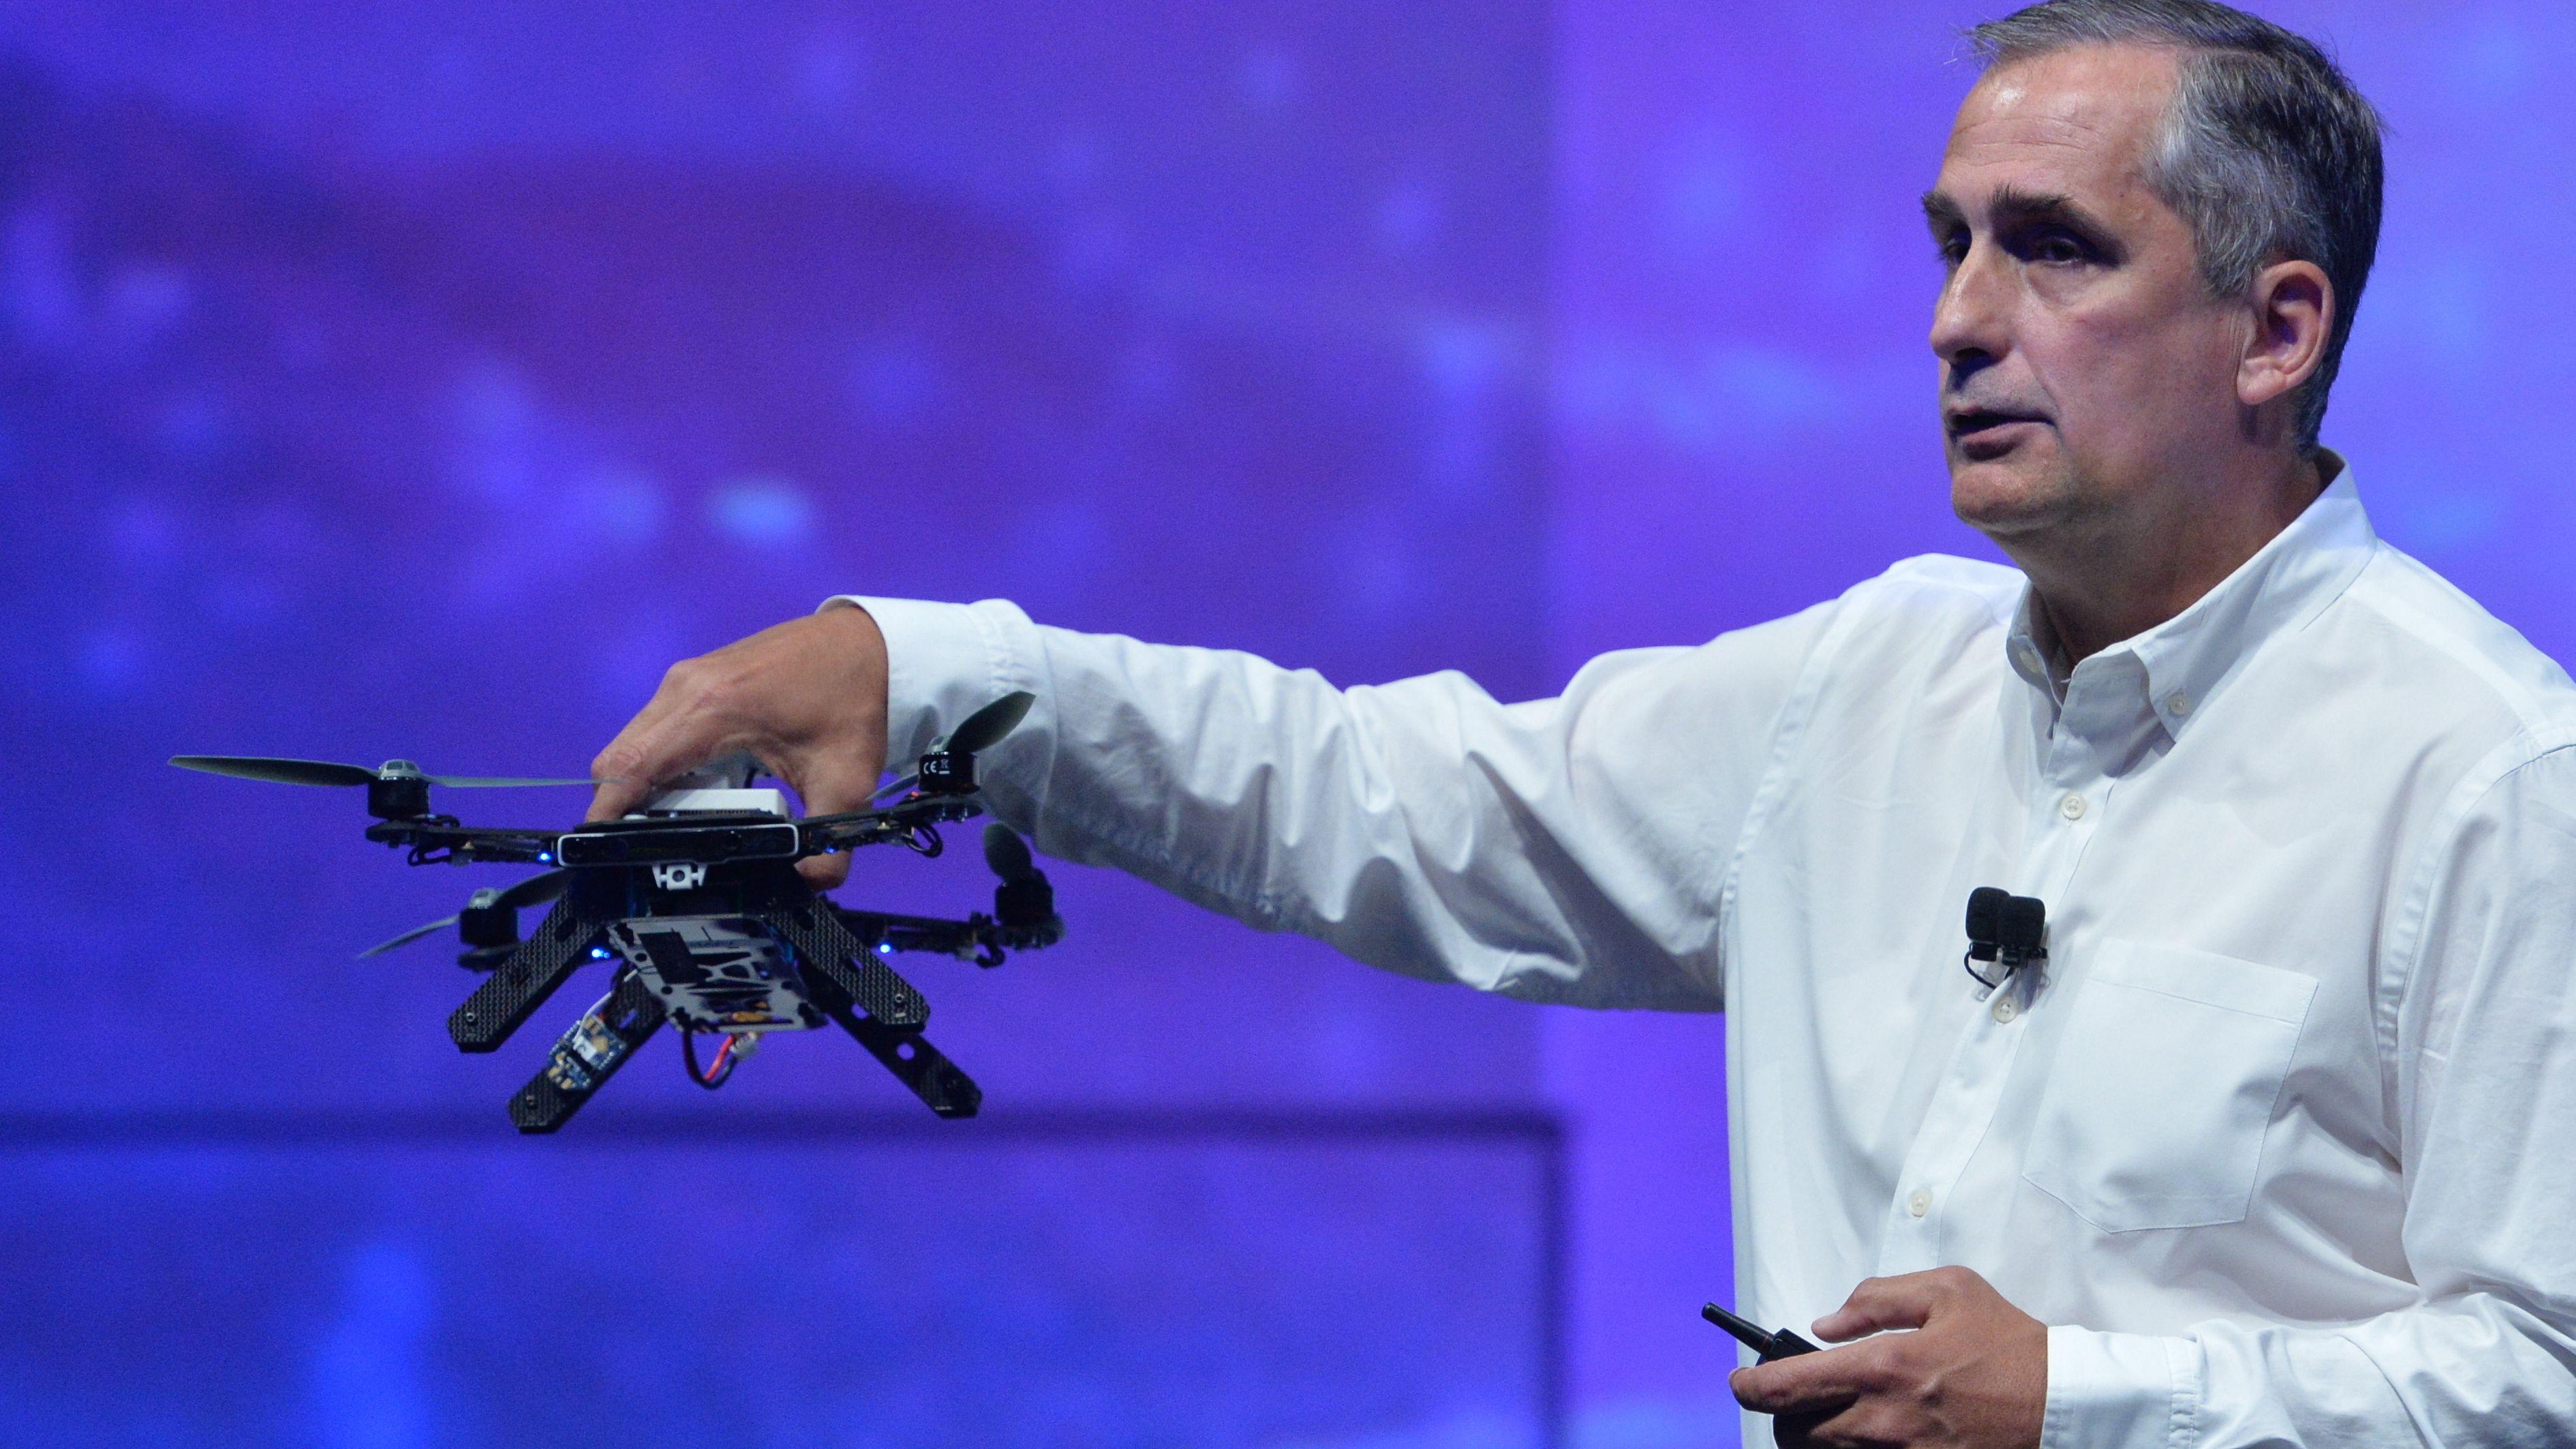 Intel har laget en drone som gjør noe andre droner ikke kan